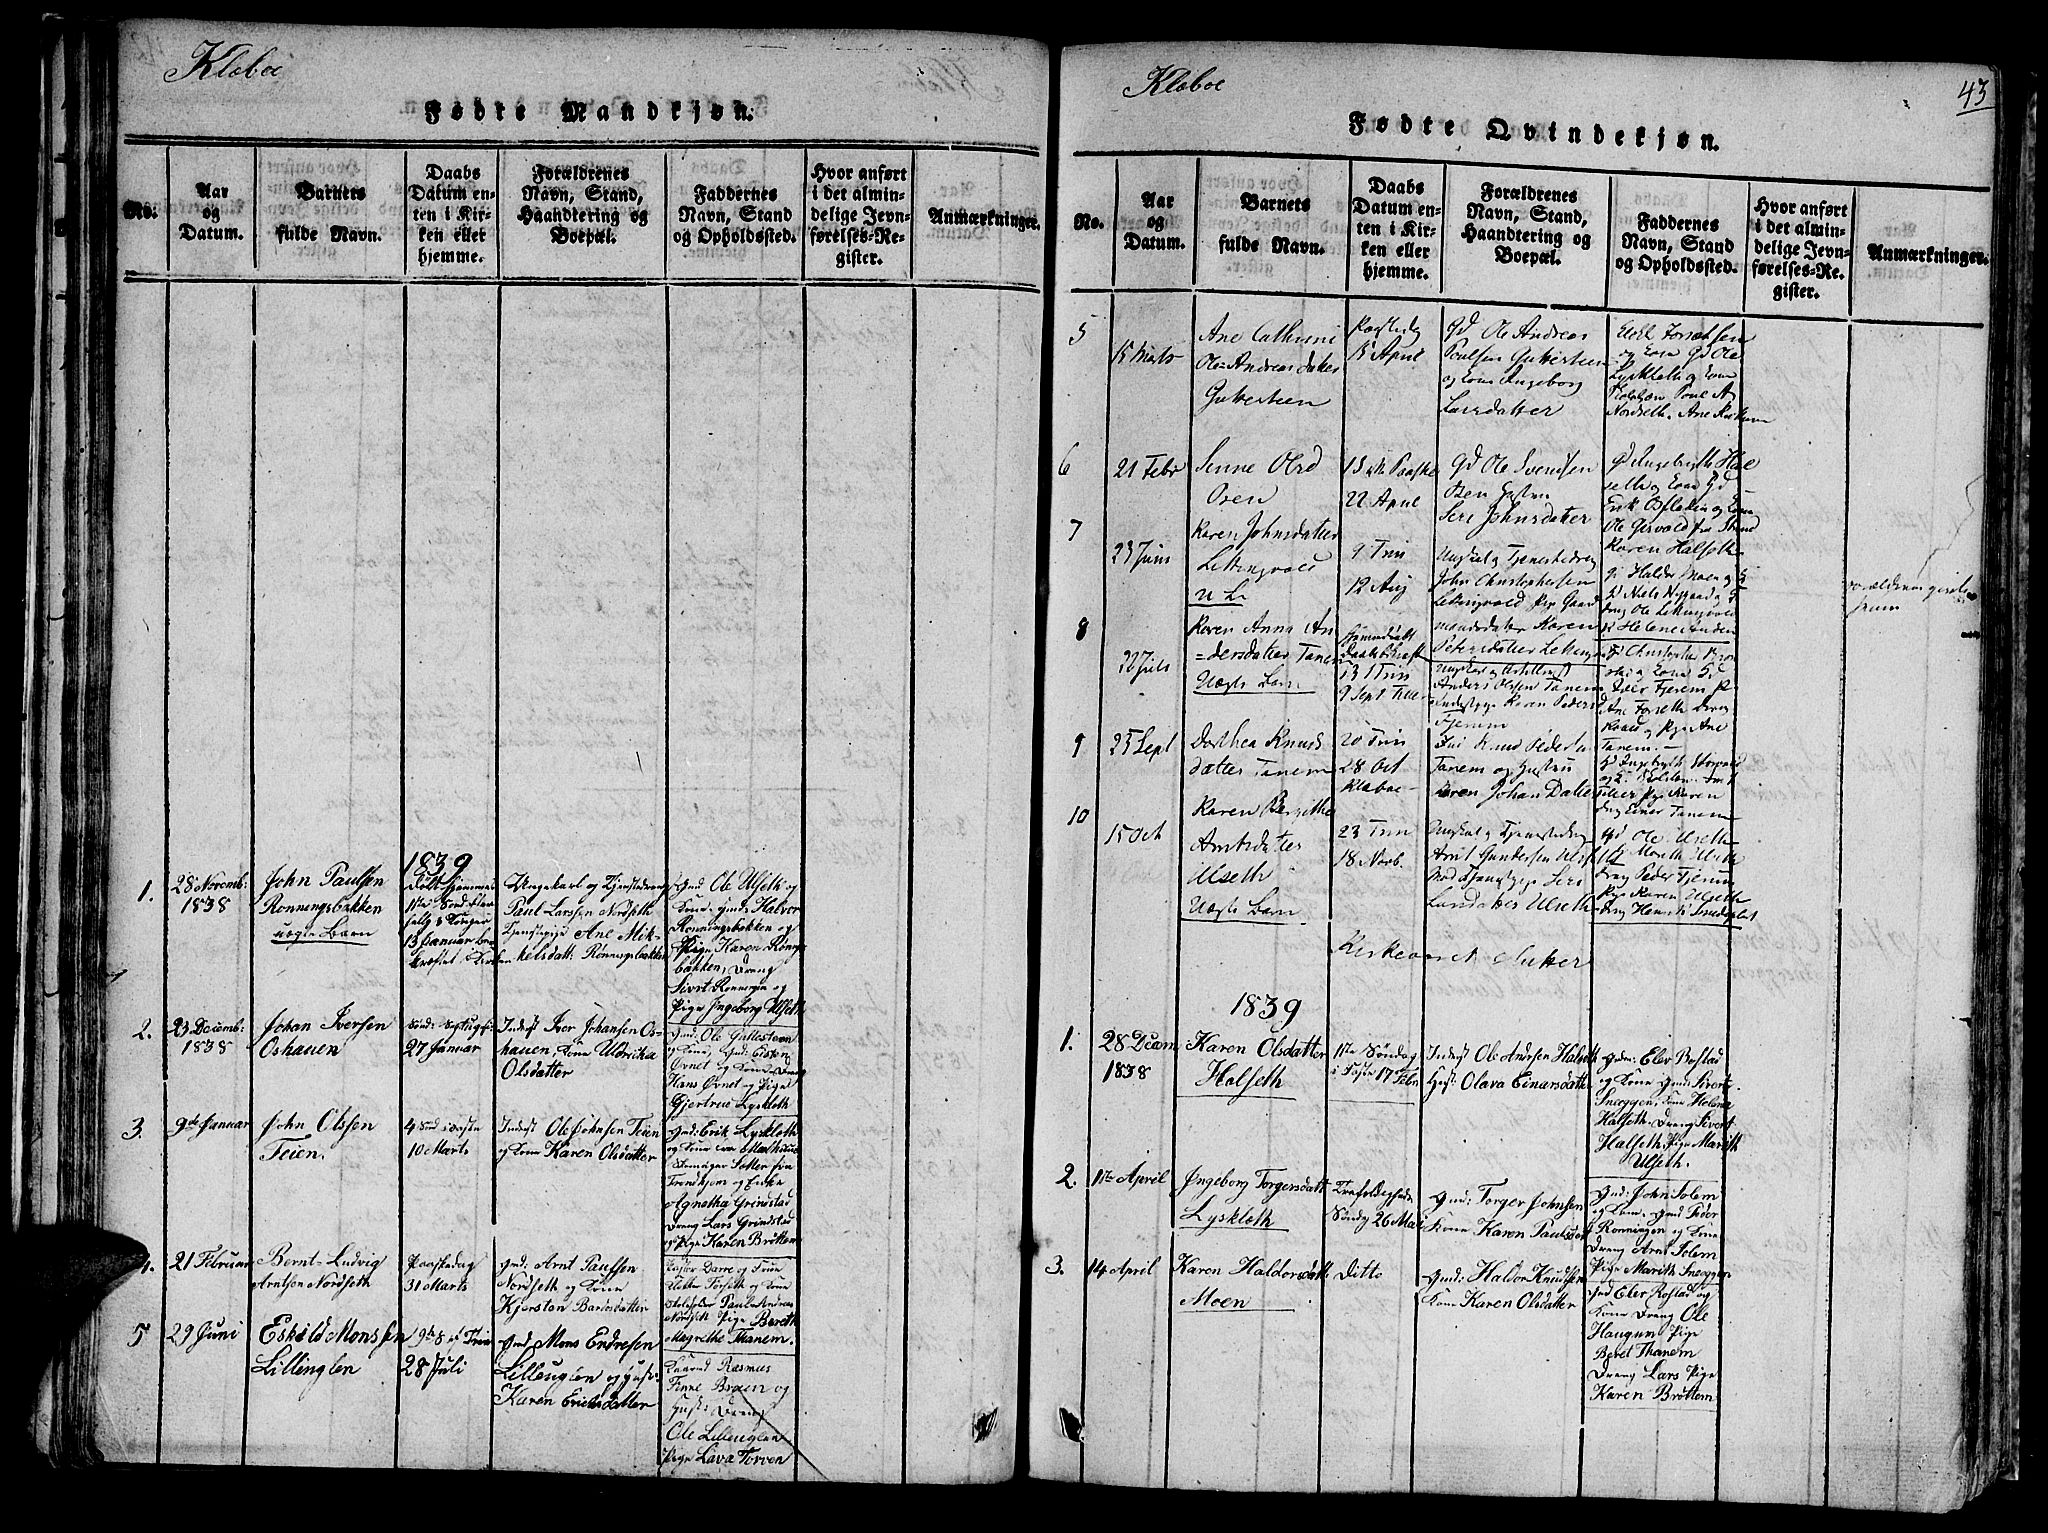 SAT, Ministerialprotokoller, klokkerbøker og fødselsregistre - Sør-Trøndelag, 618/L0439: Ministerialbok nr. 618A04 /1, 1816-1843, s. 43